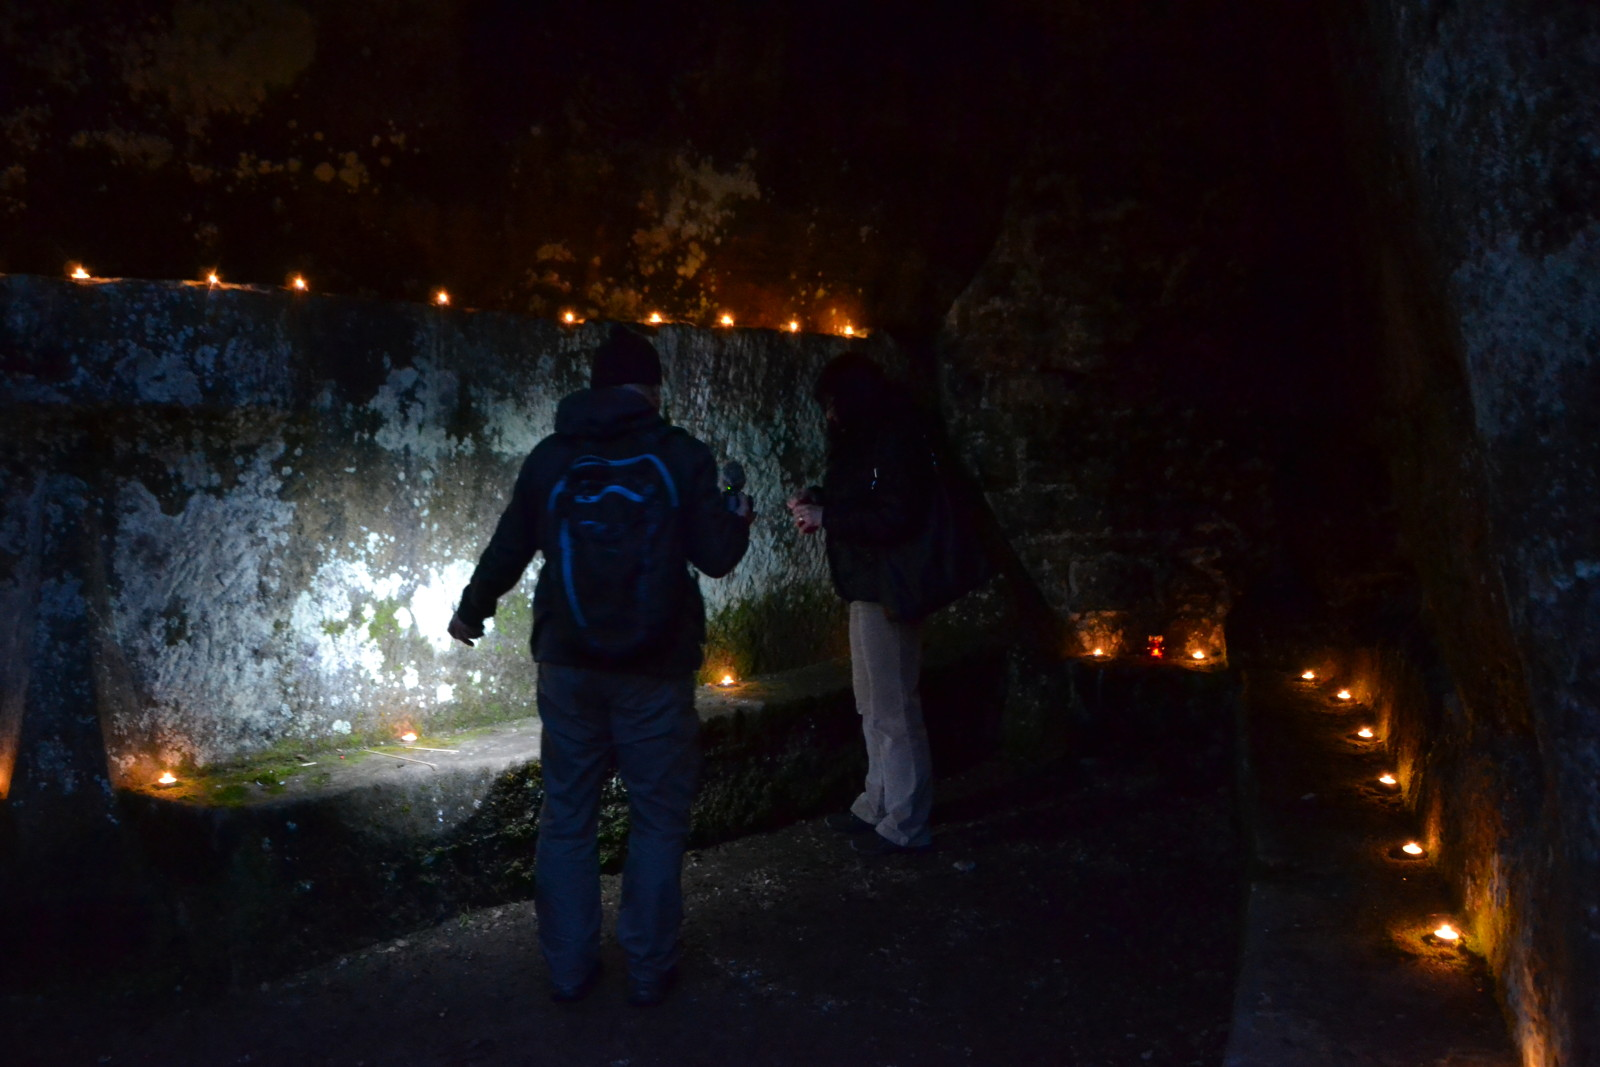 13 12 22 16.16.25 Zapalování svíčky v nasvícené jeskyni